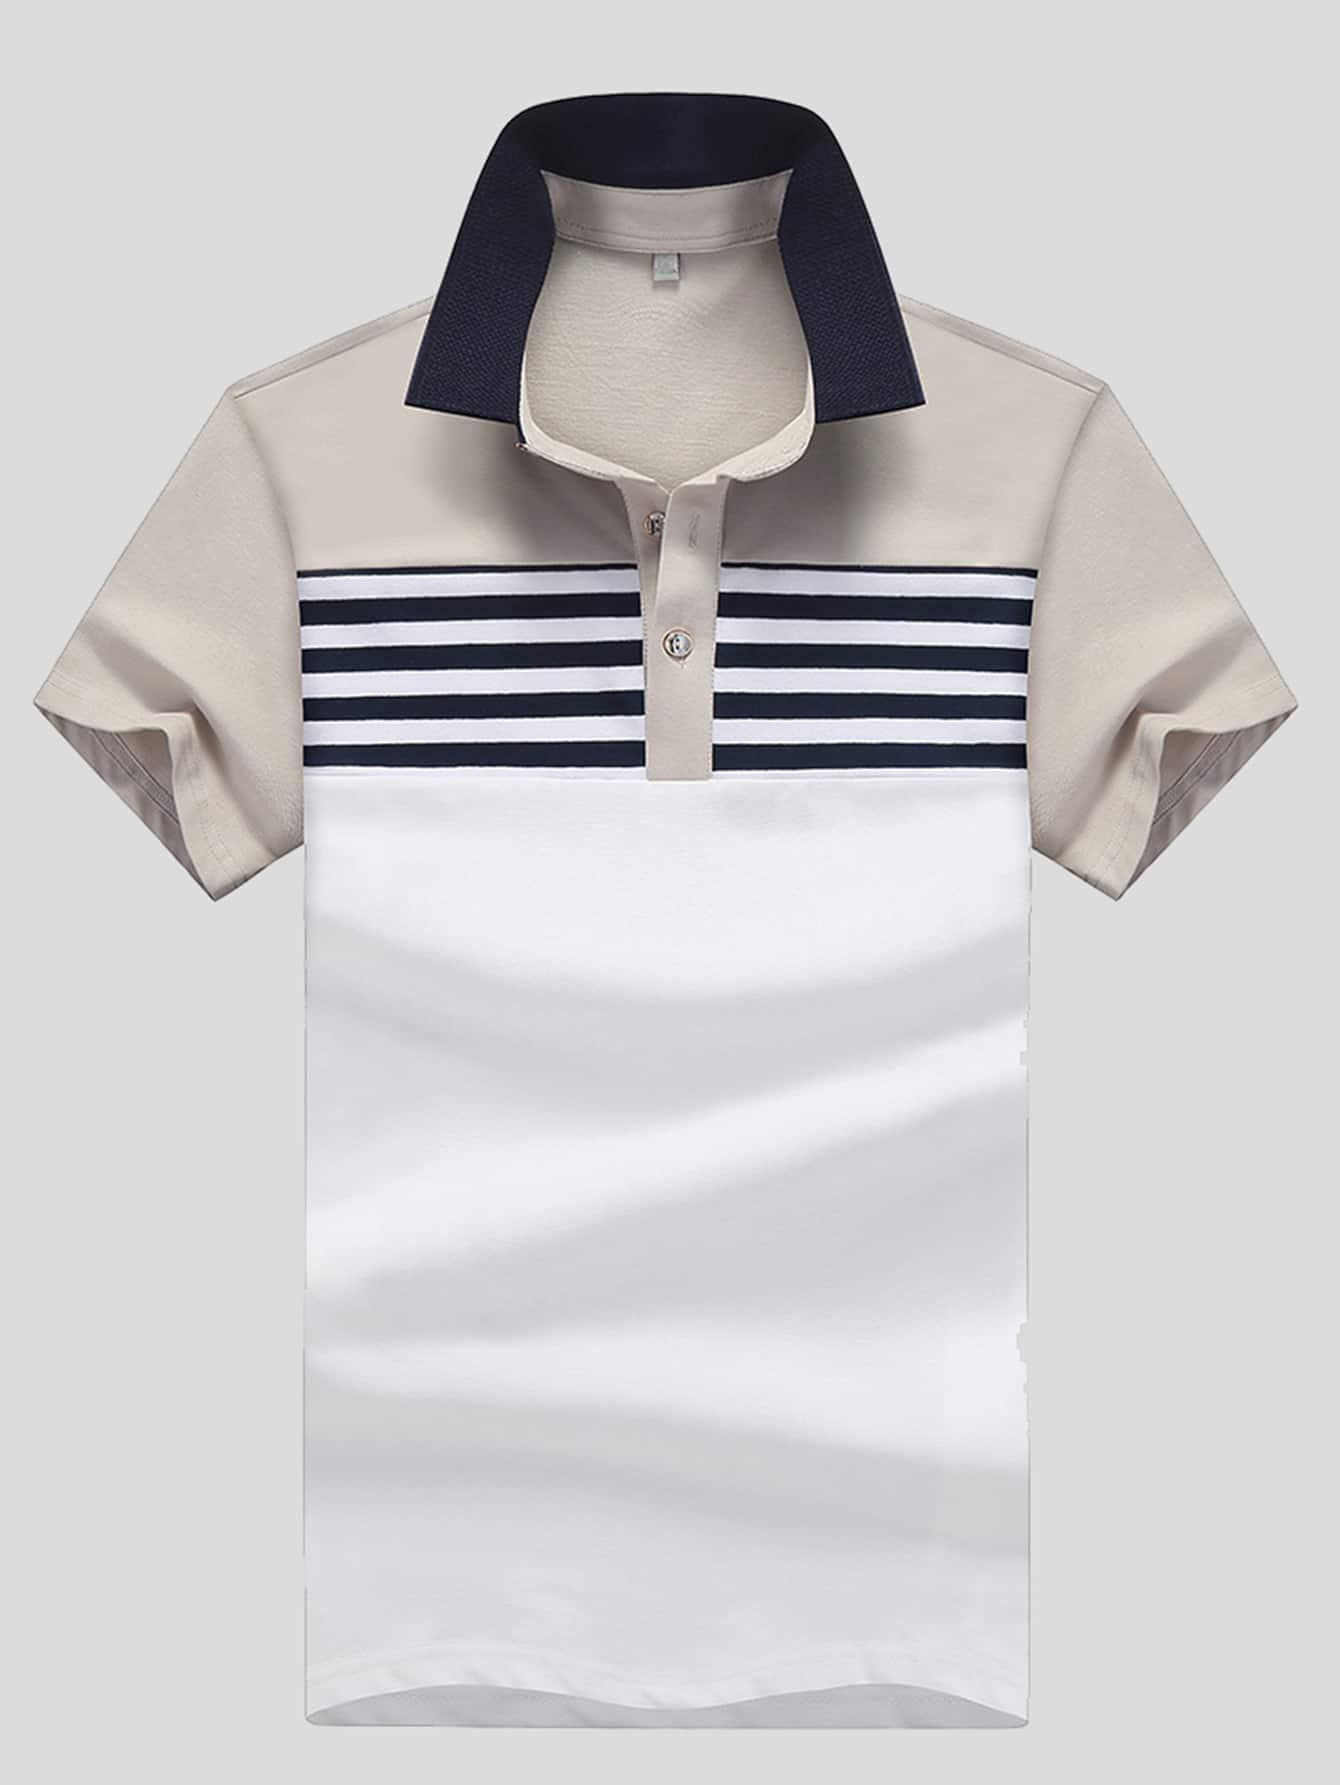 Купить Рубашка поло с полосками контрастная для мужчин, null, SheIn